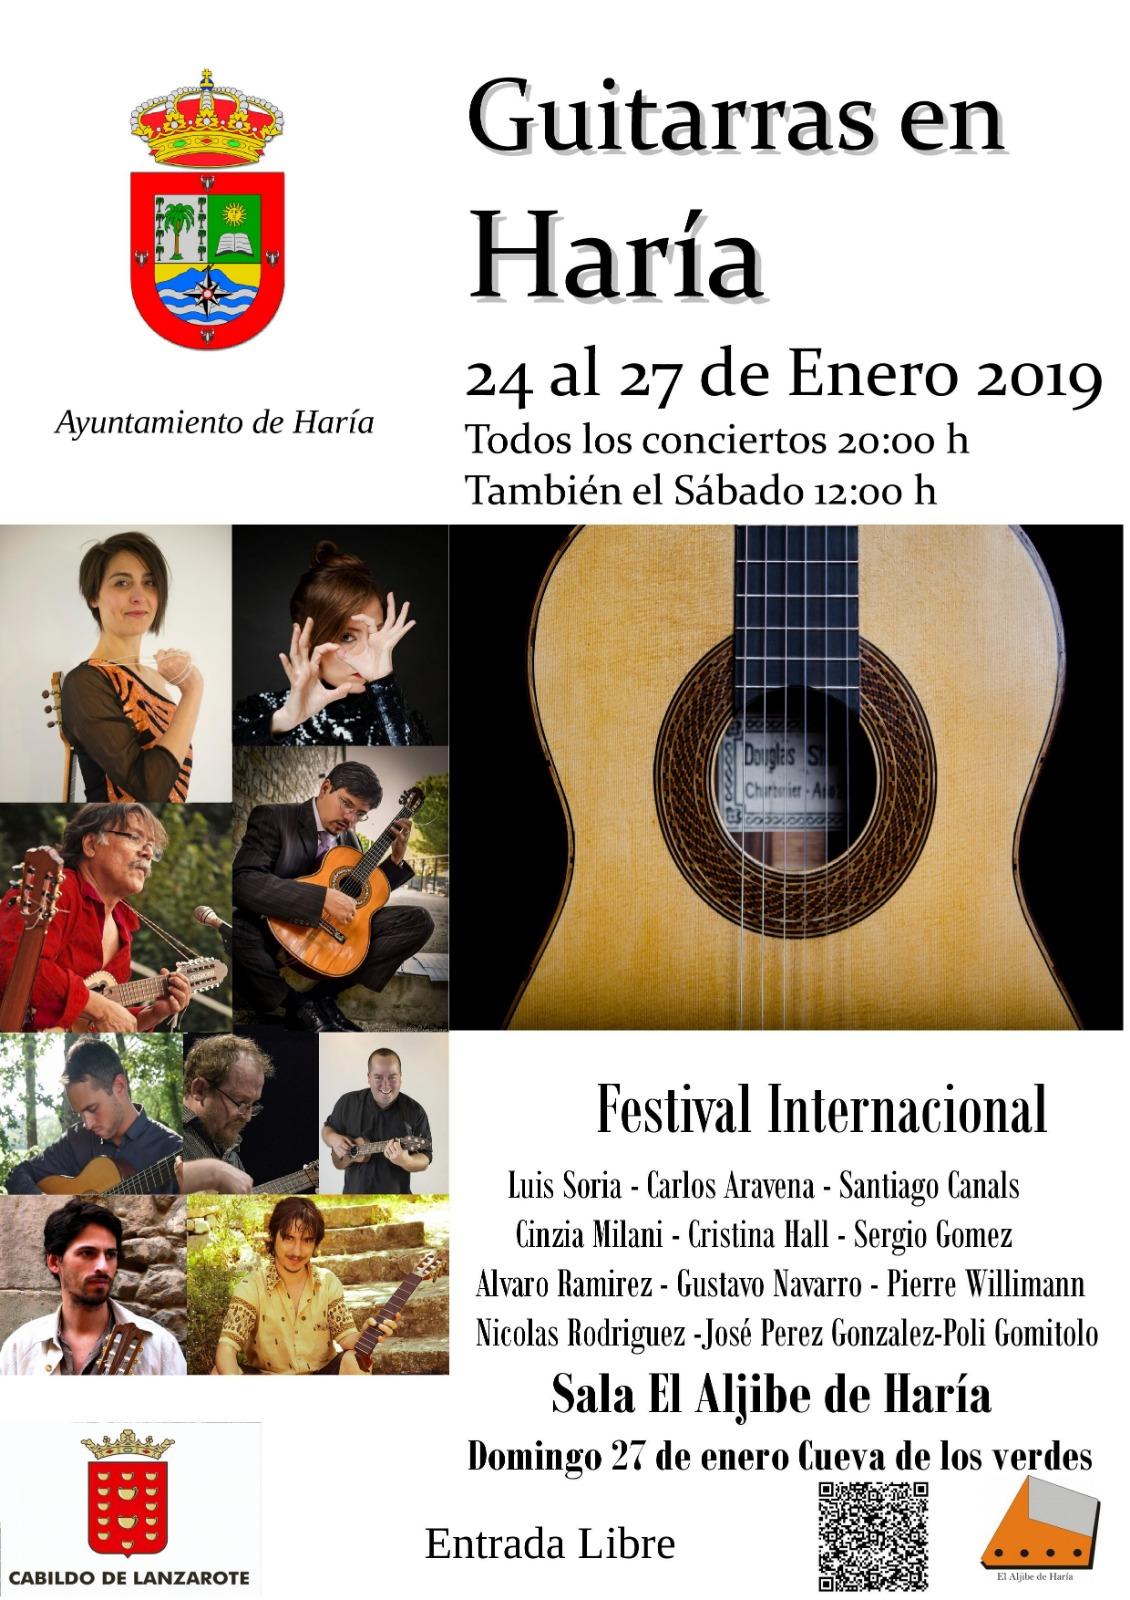 Todo listo para disfrutar de una nueva edición del Festival Internacional 'Guitarras en Haría'